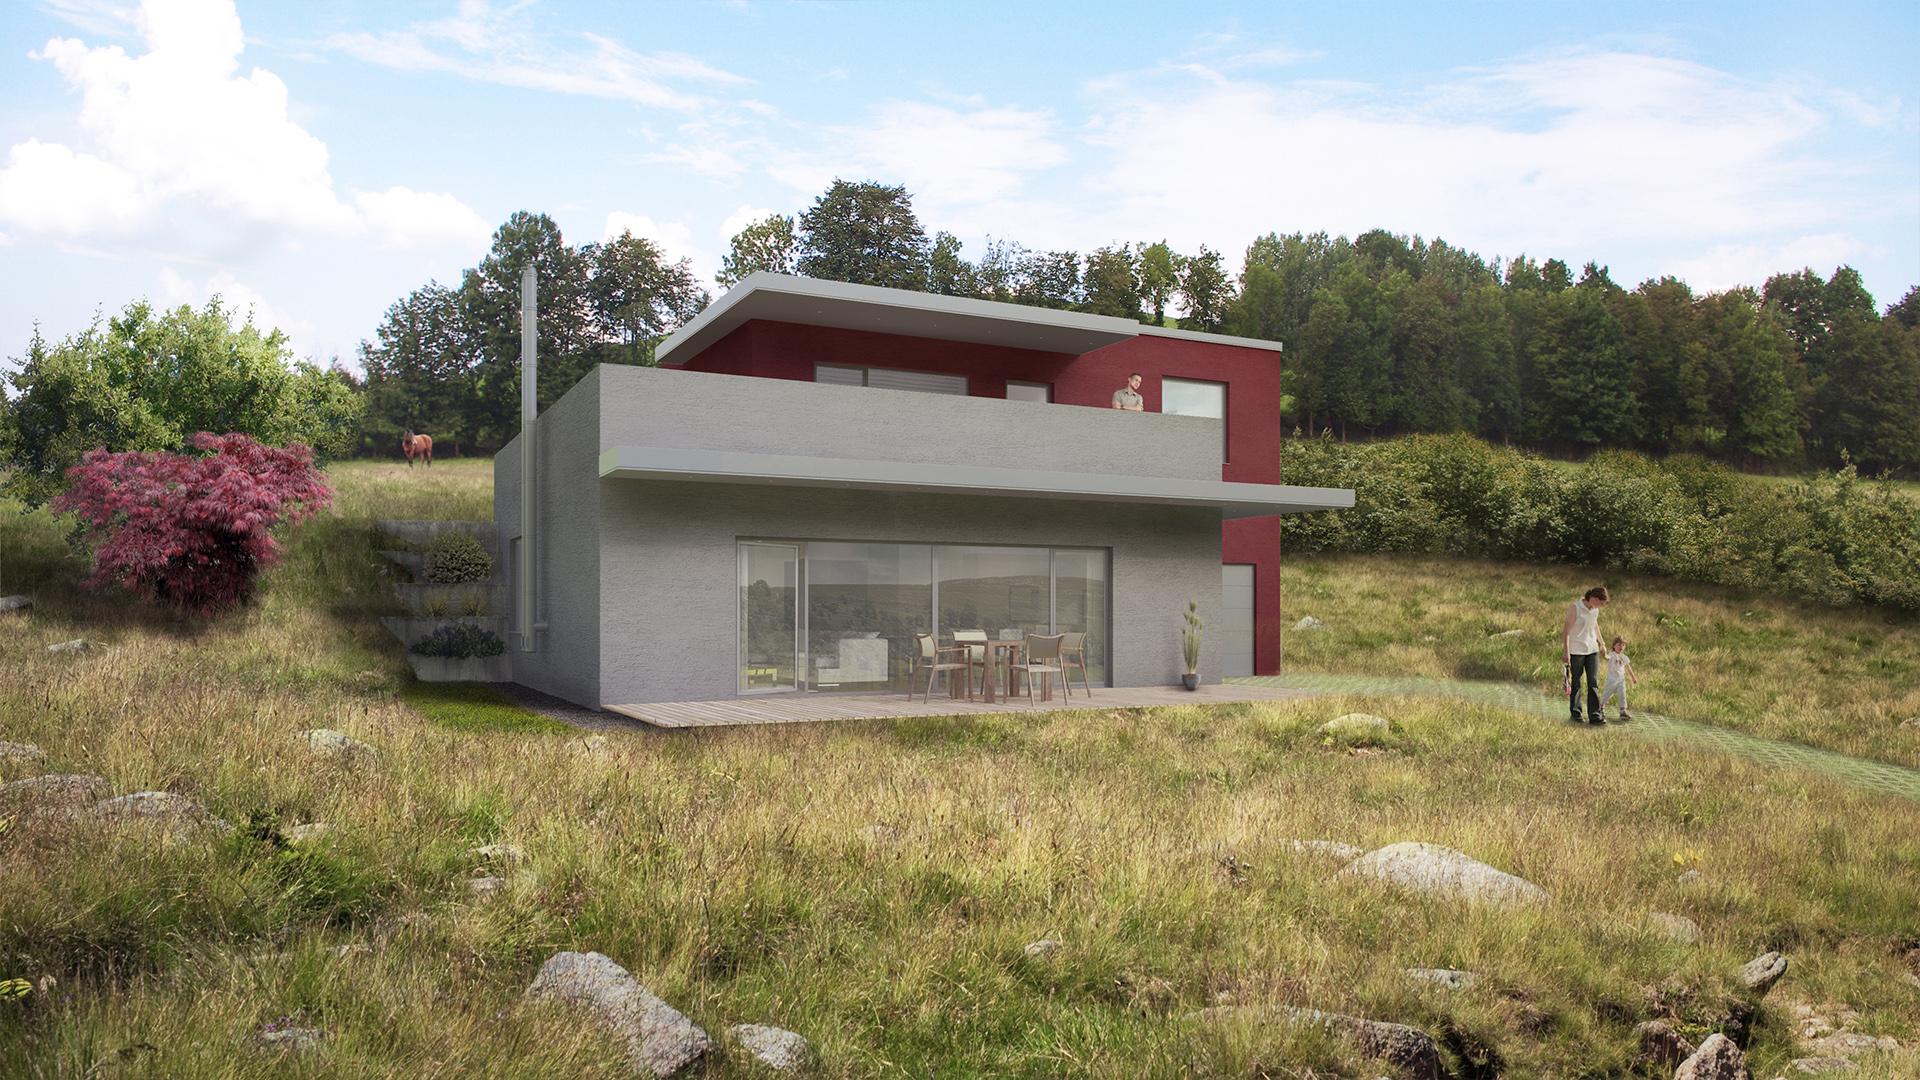 Vila ve svahu o velikosti 4 + 1 + garáž má zastavěnou plochu 119 m2, patro má 63 m2 a horní terasa je o rozloze 52 m2. Vila je zapuštěná do svahu a otevřená na jih, na severní straně svažitý